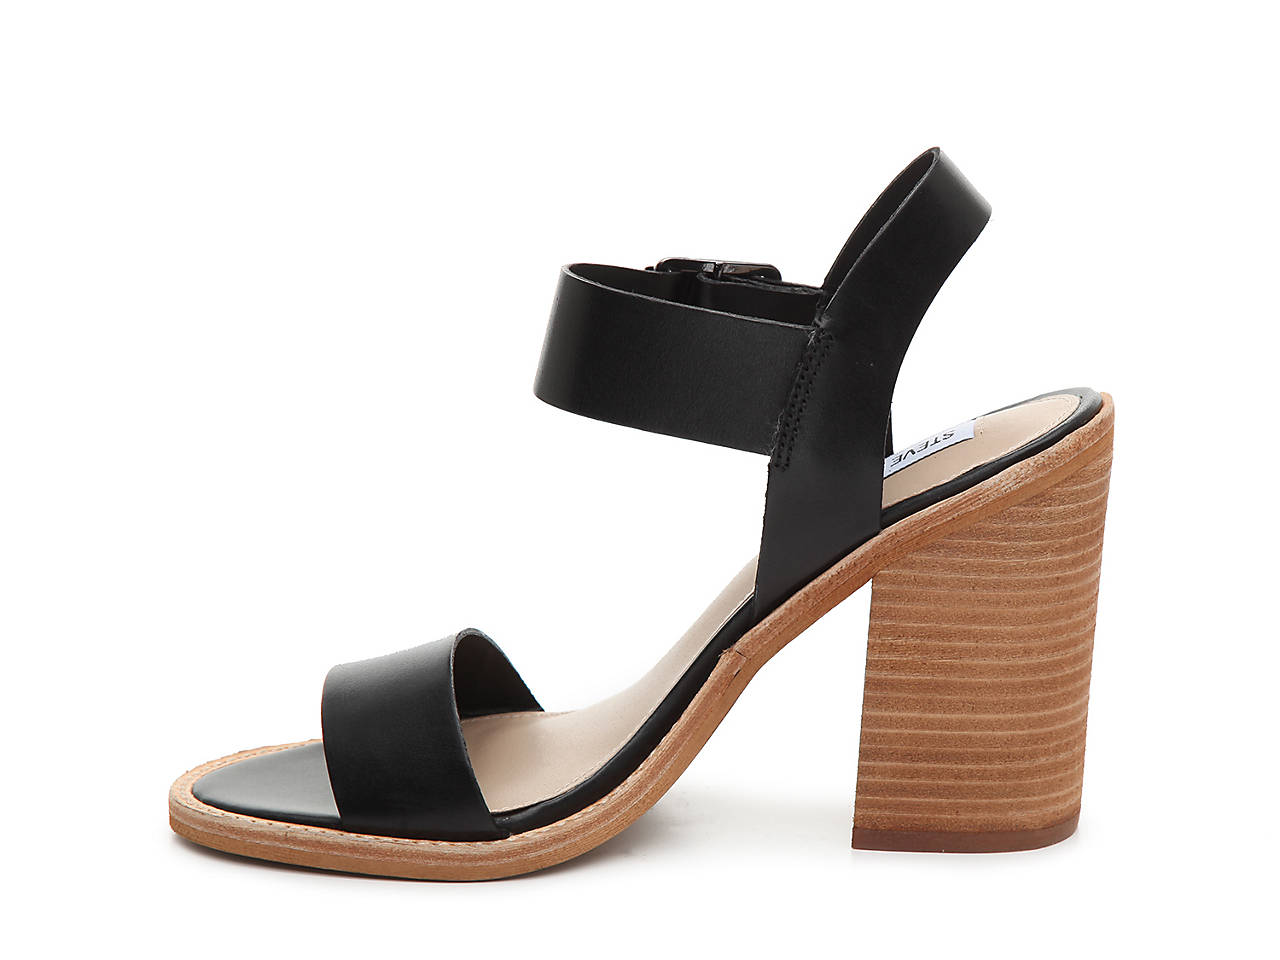 6e79842bb56 Steve Madden Castro Sandal Women s Shoes